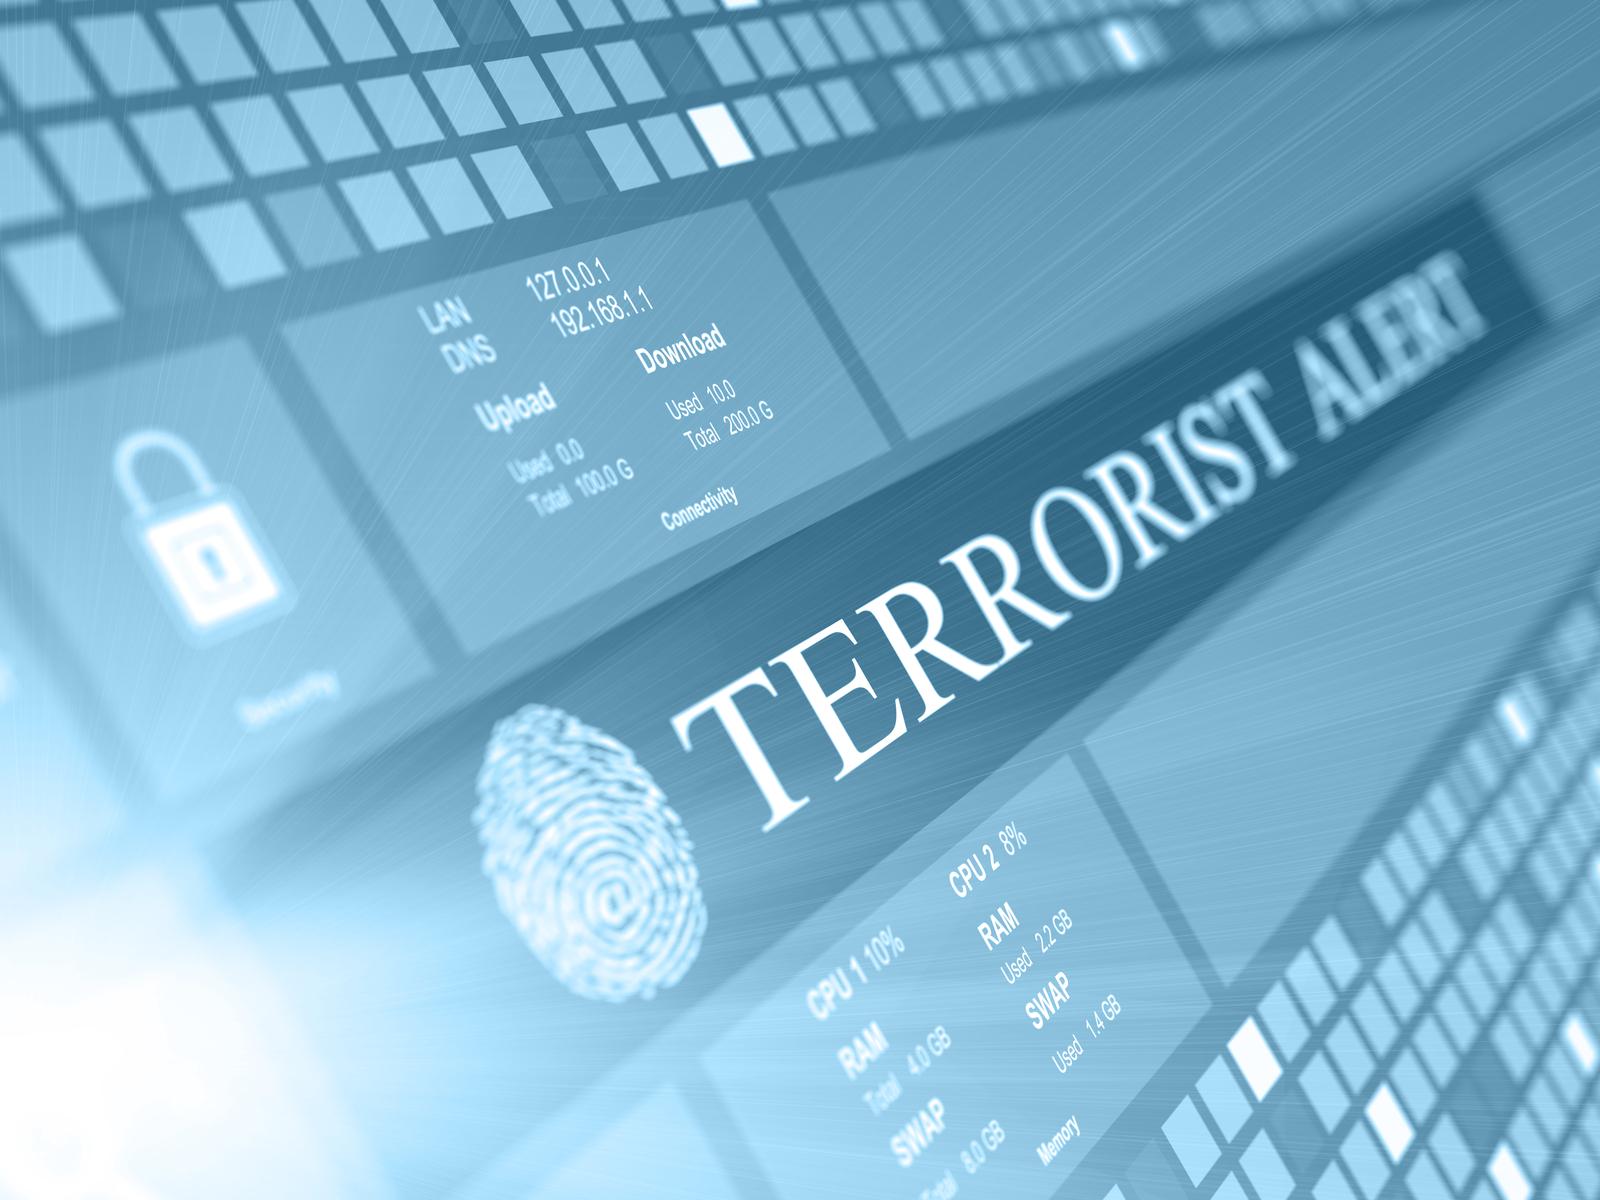 Owner Operator Direct - Commercial Truck Insurance - Terrorist Alert